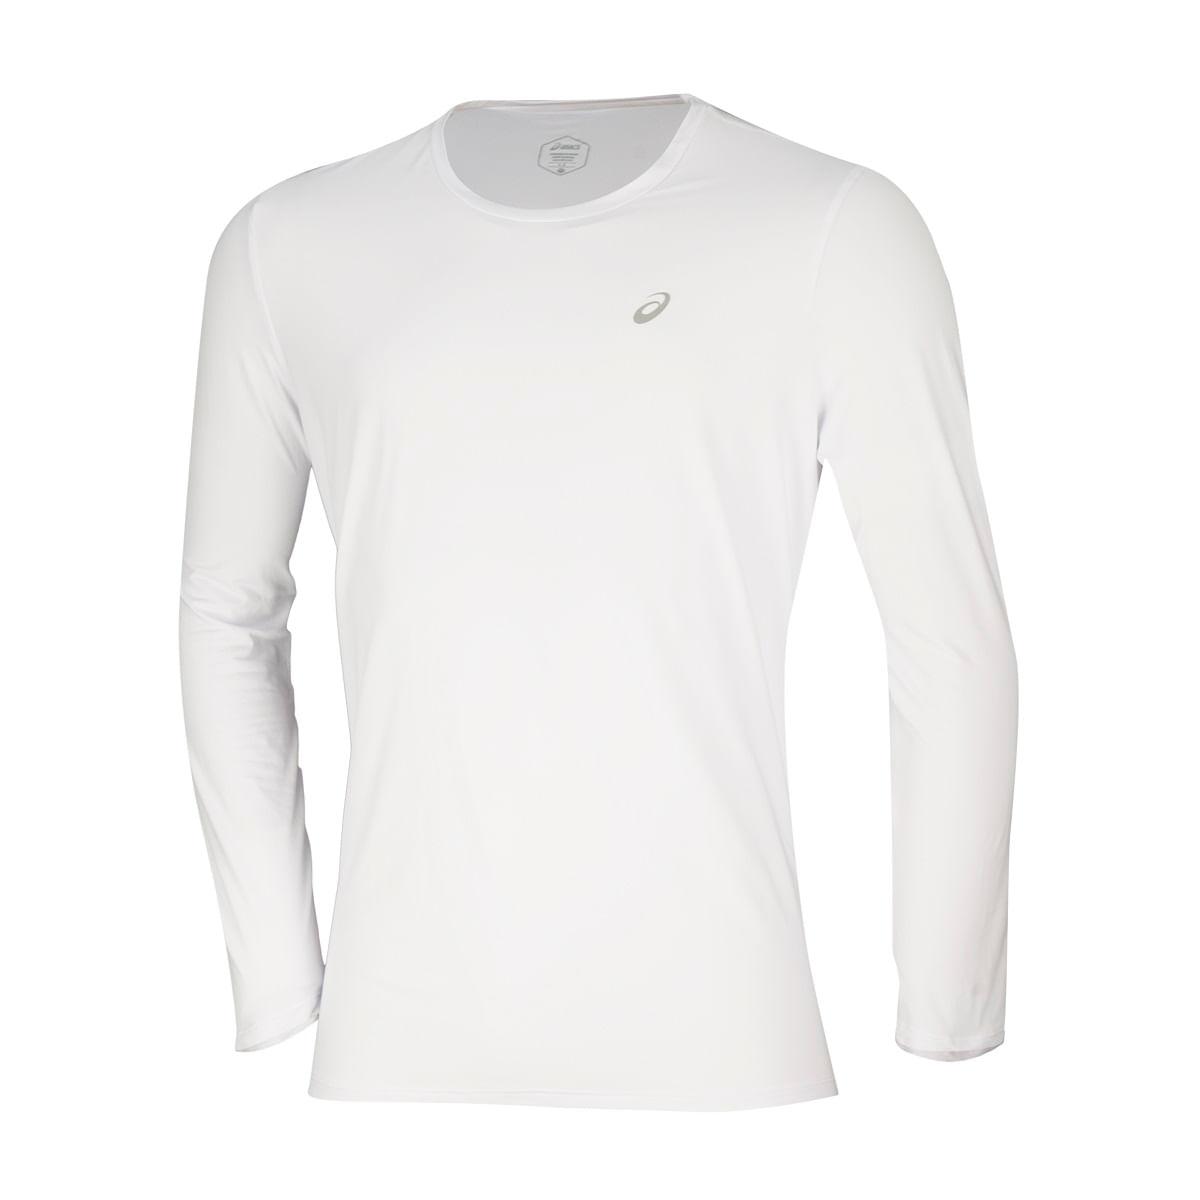 Camiseta-Asics-Running-Core-Manga-Longa---Masculina---Branca